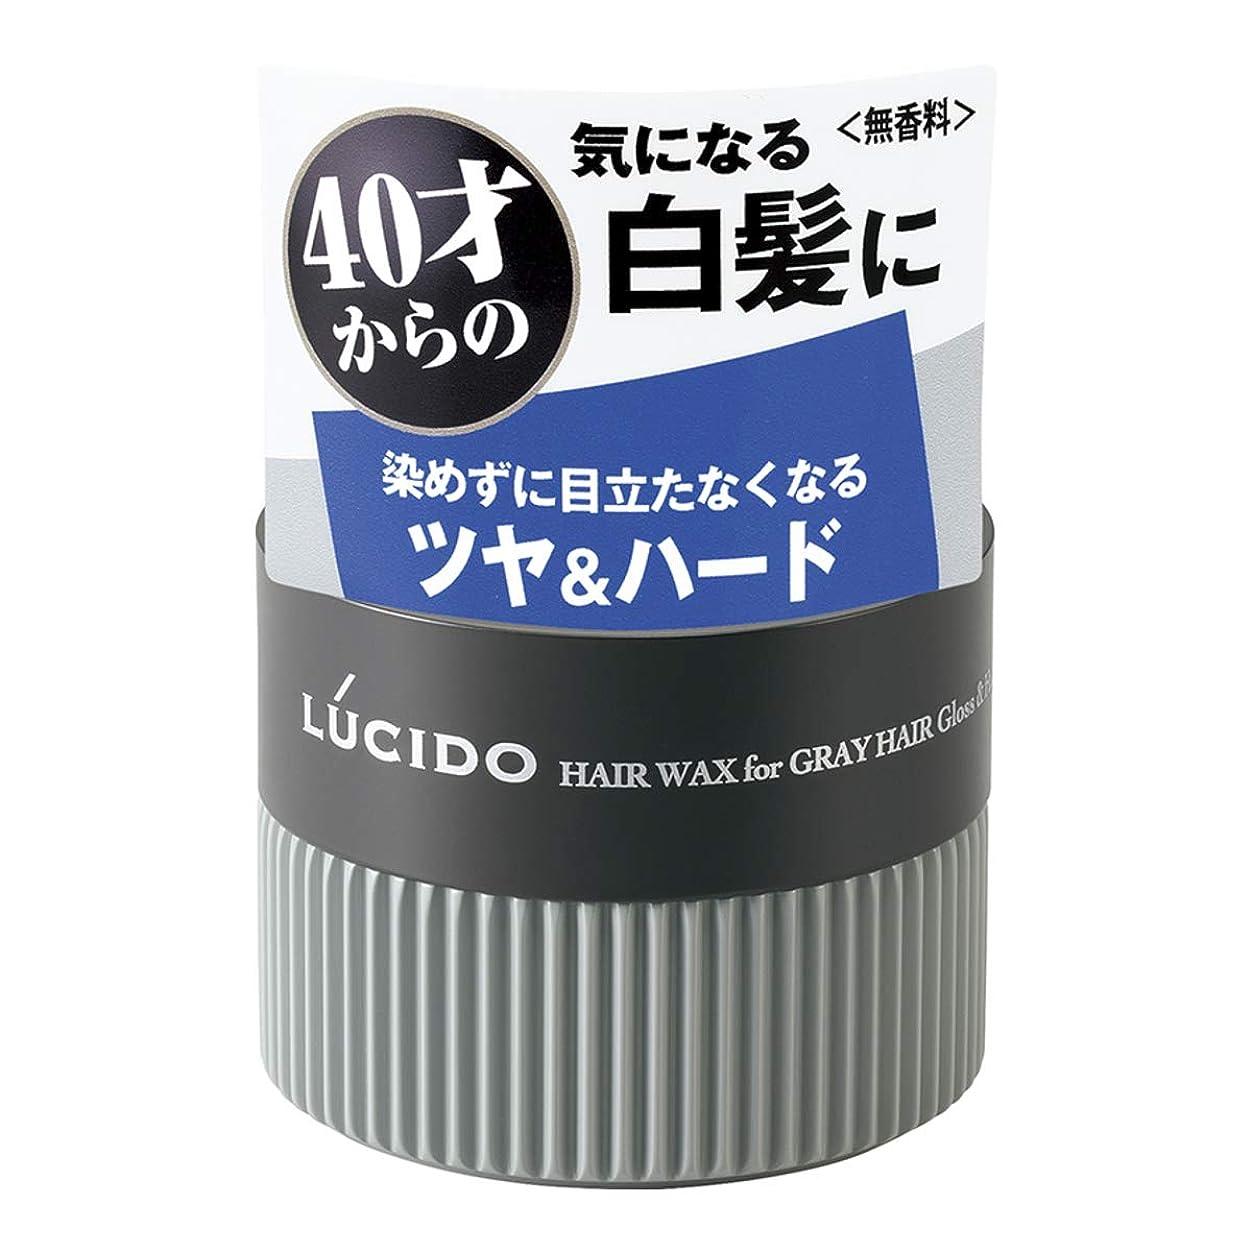 織機バクテリア締め切りLUCIDO(ルシード) ヘアワックス 白髪用ワックス グロス&ハード 80g